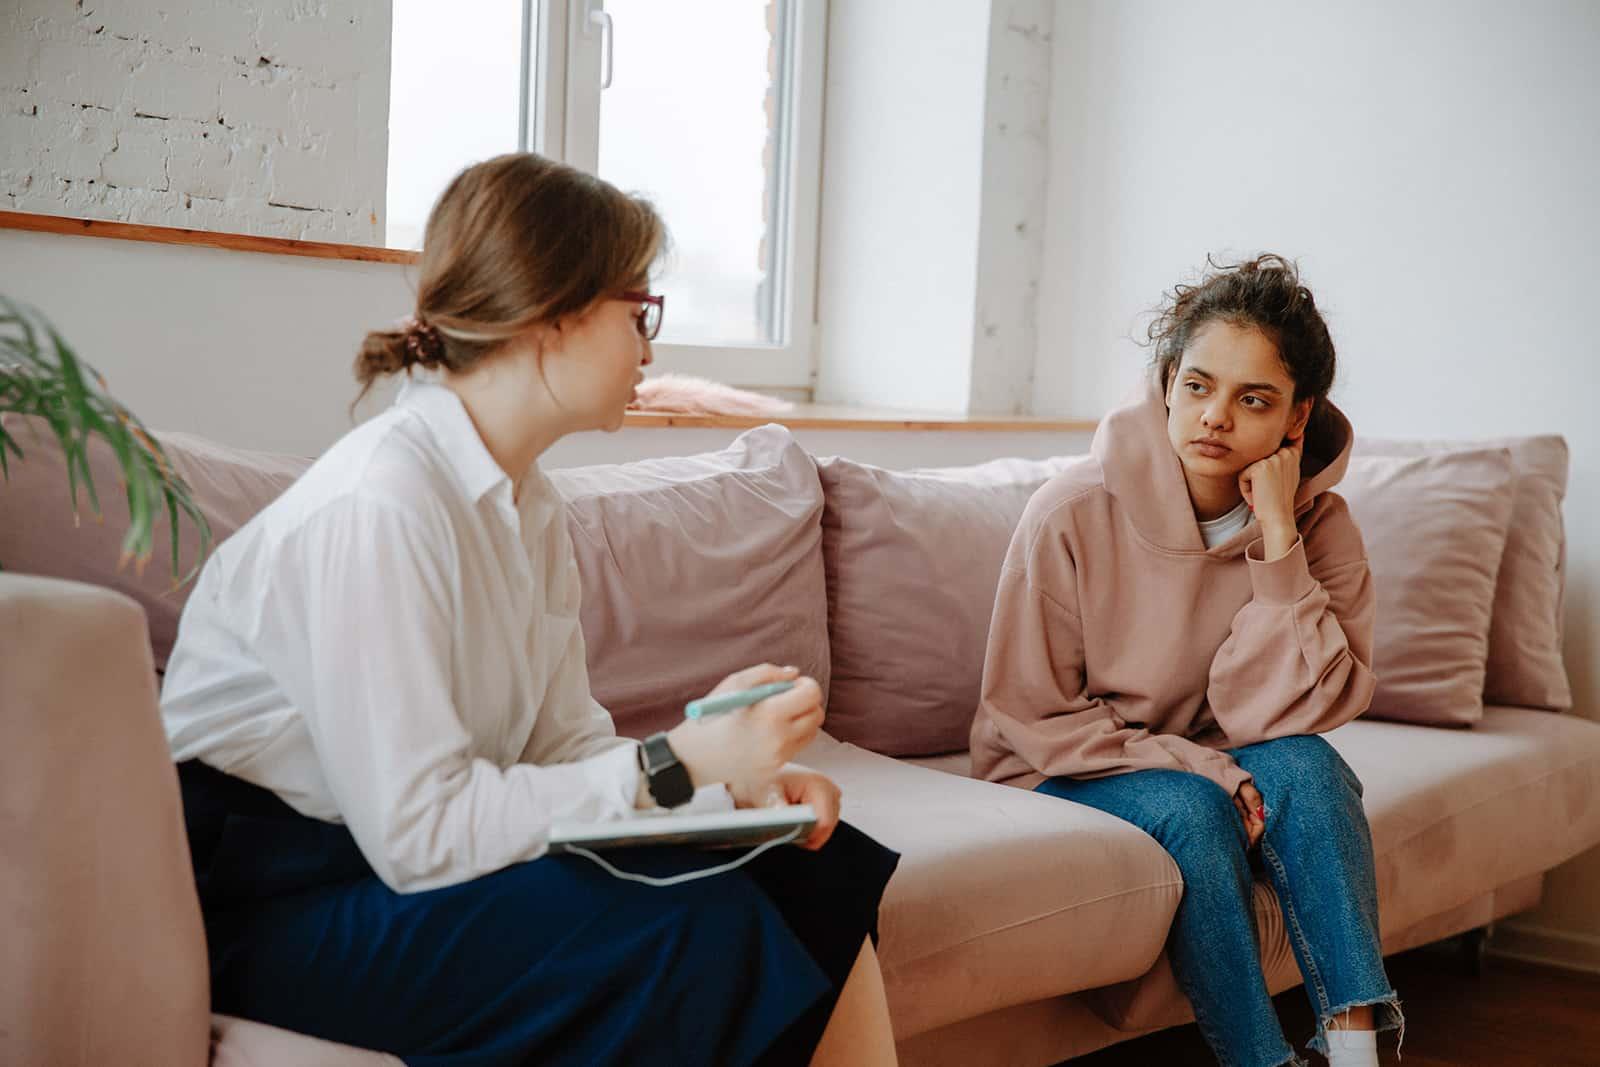 Eine Frau hört einem Therapeuten zu, der neben ihr auf der Couch sitzt